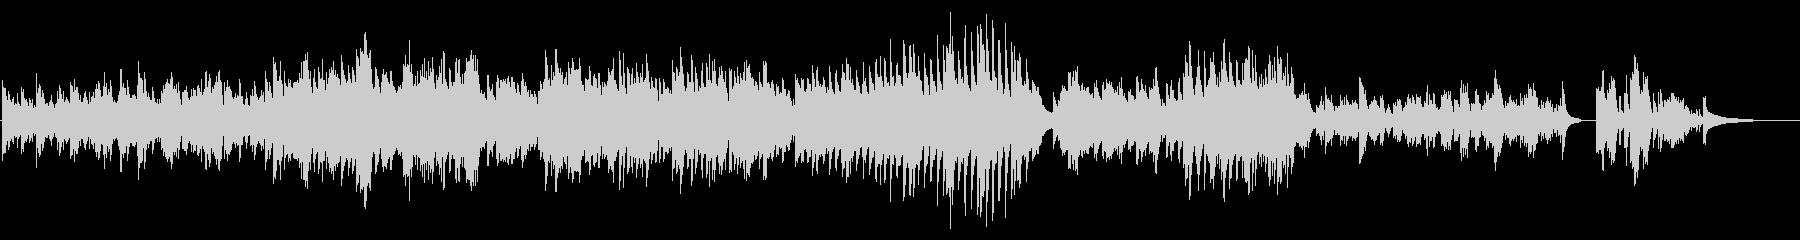 静けさと強い願いの対を表現したピアノ曲の未再生の波形